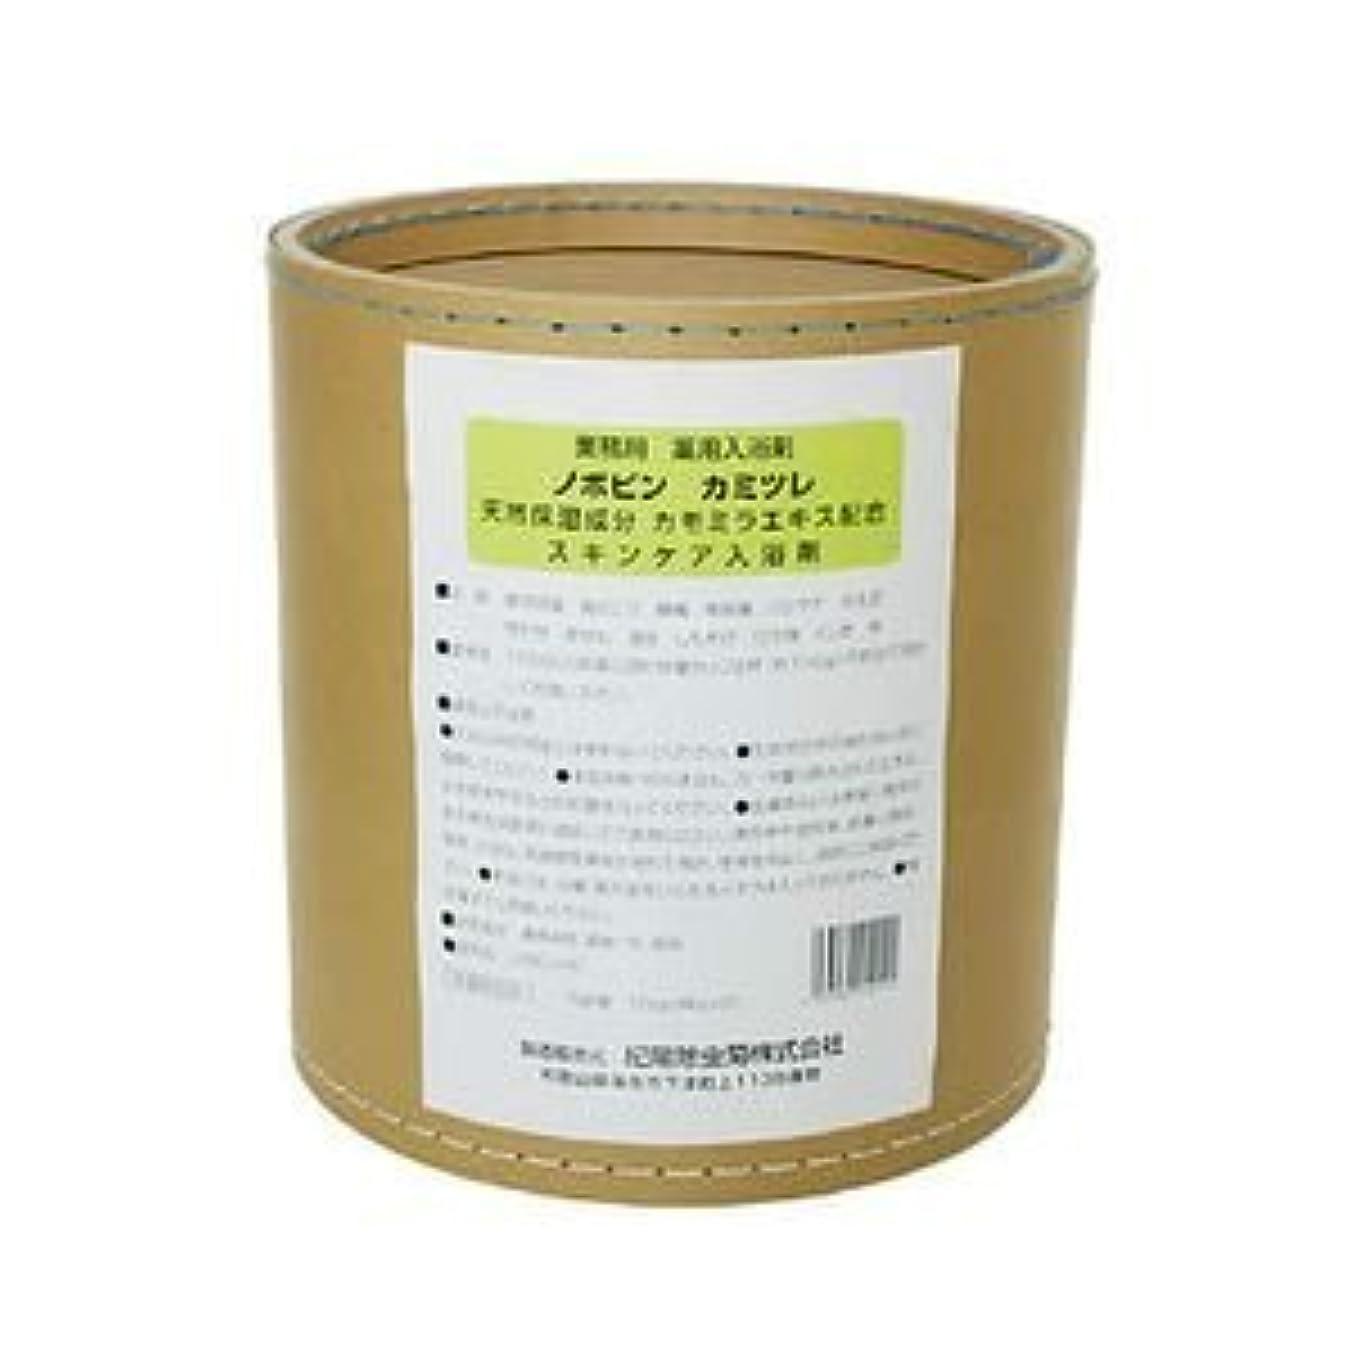 ラショナル息子一貫した業務用 バス 入浴剤 ノボピン カミツレ 16kg(8kg+2)